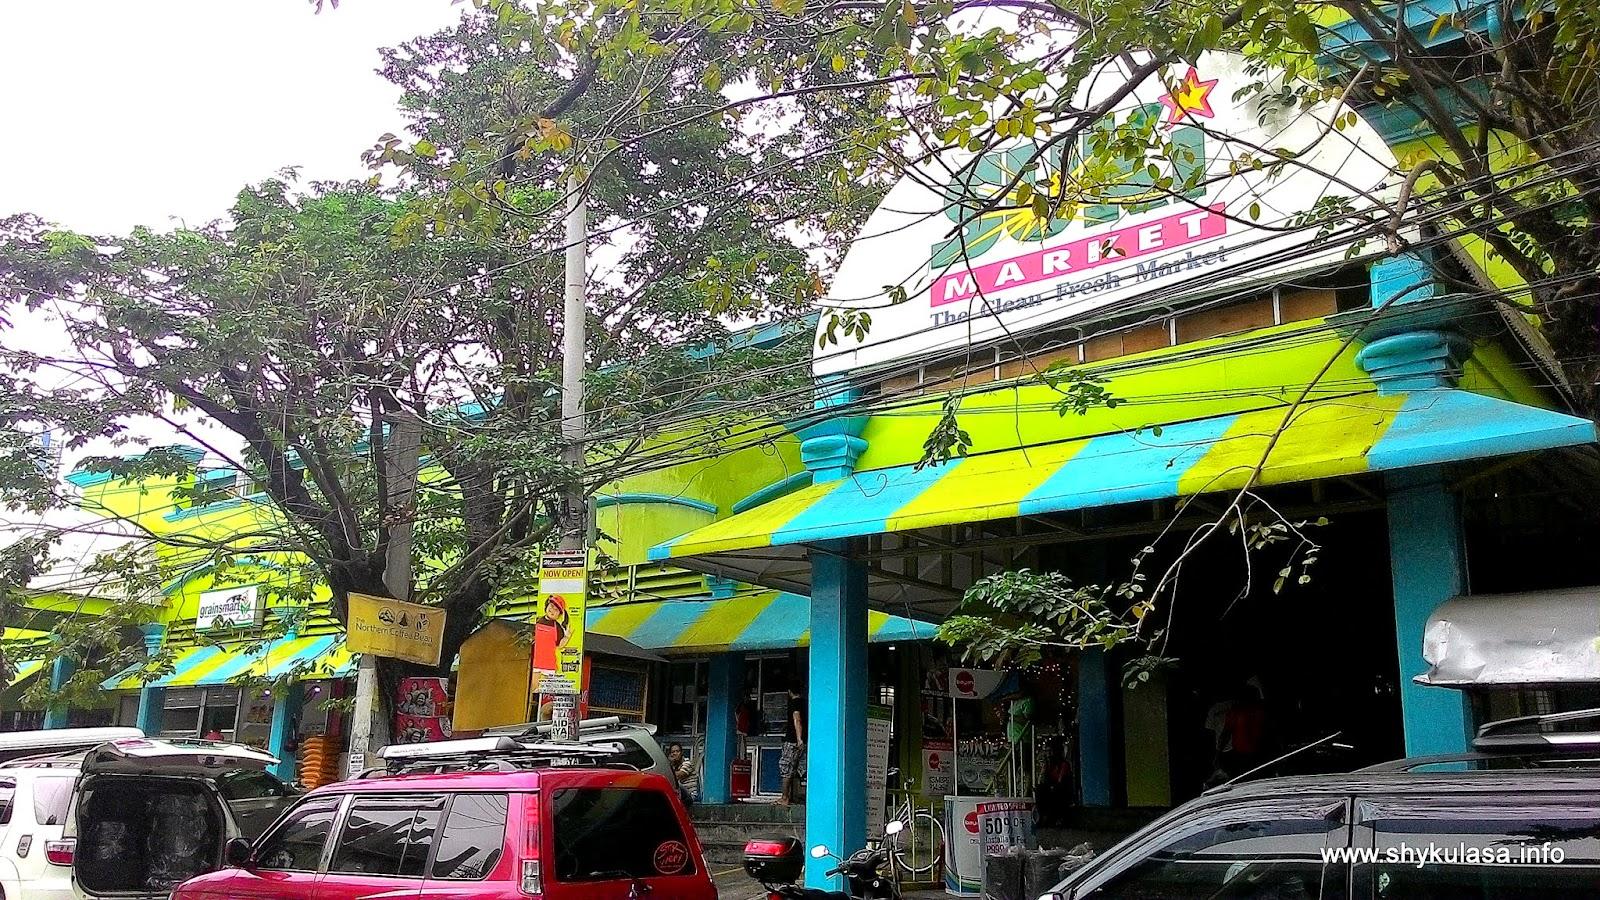 Suki Market